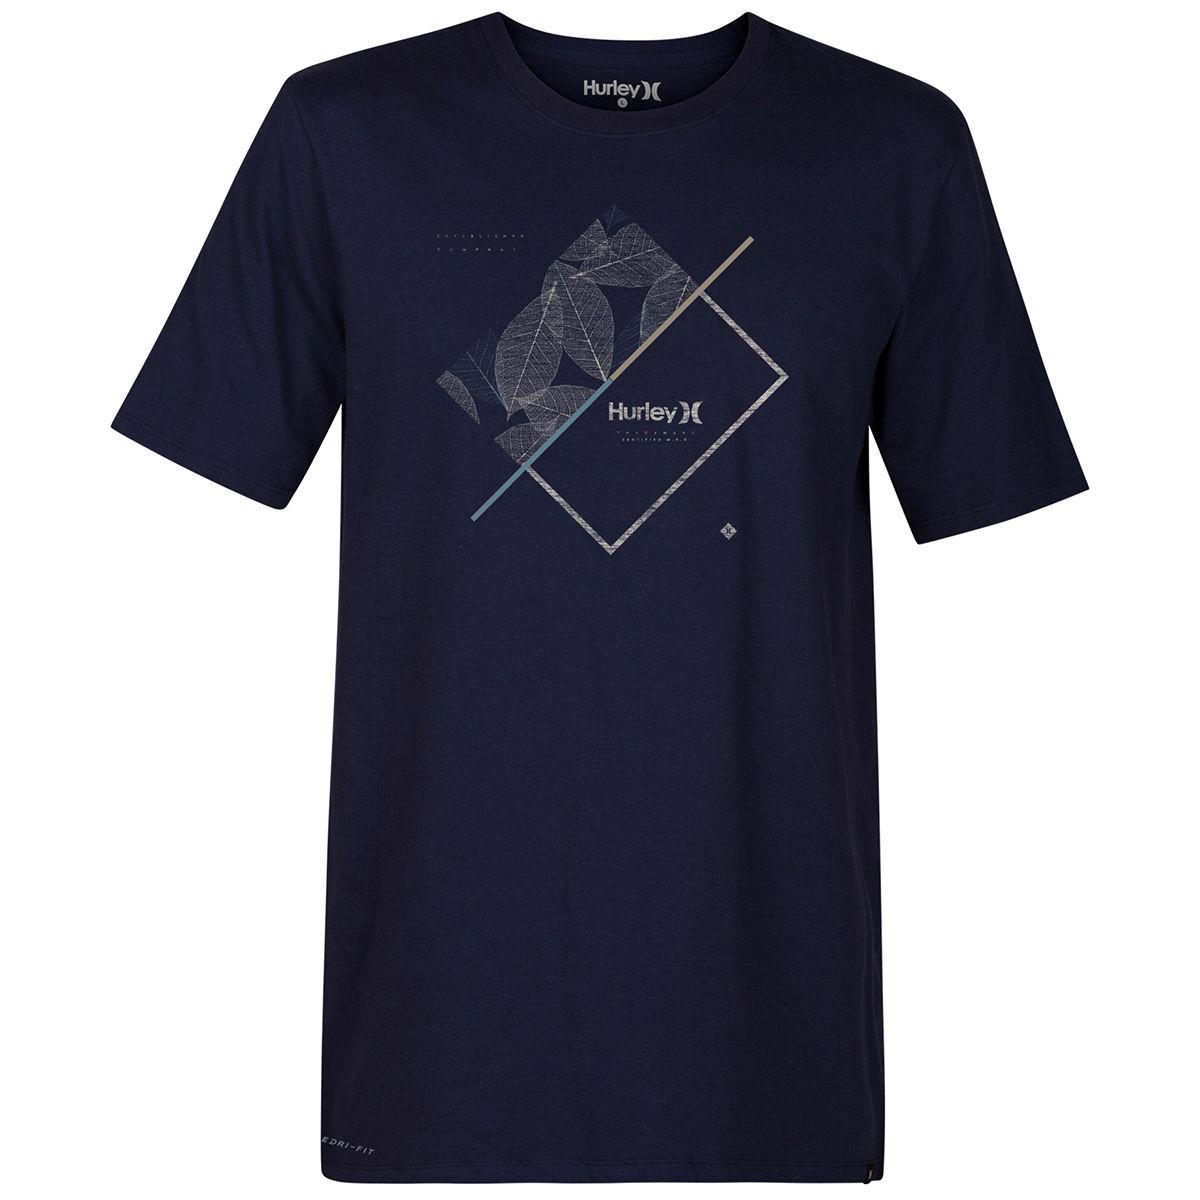 Hurley Guys' Breaking Lines Dri-Fit Short-Sleeve Tee - Blue, M